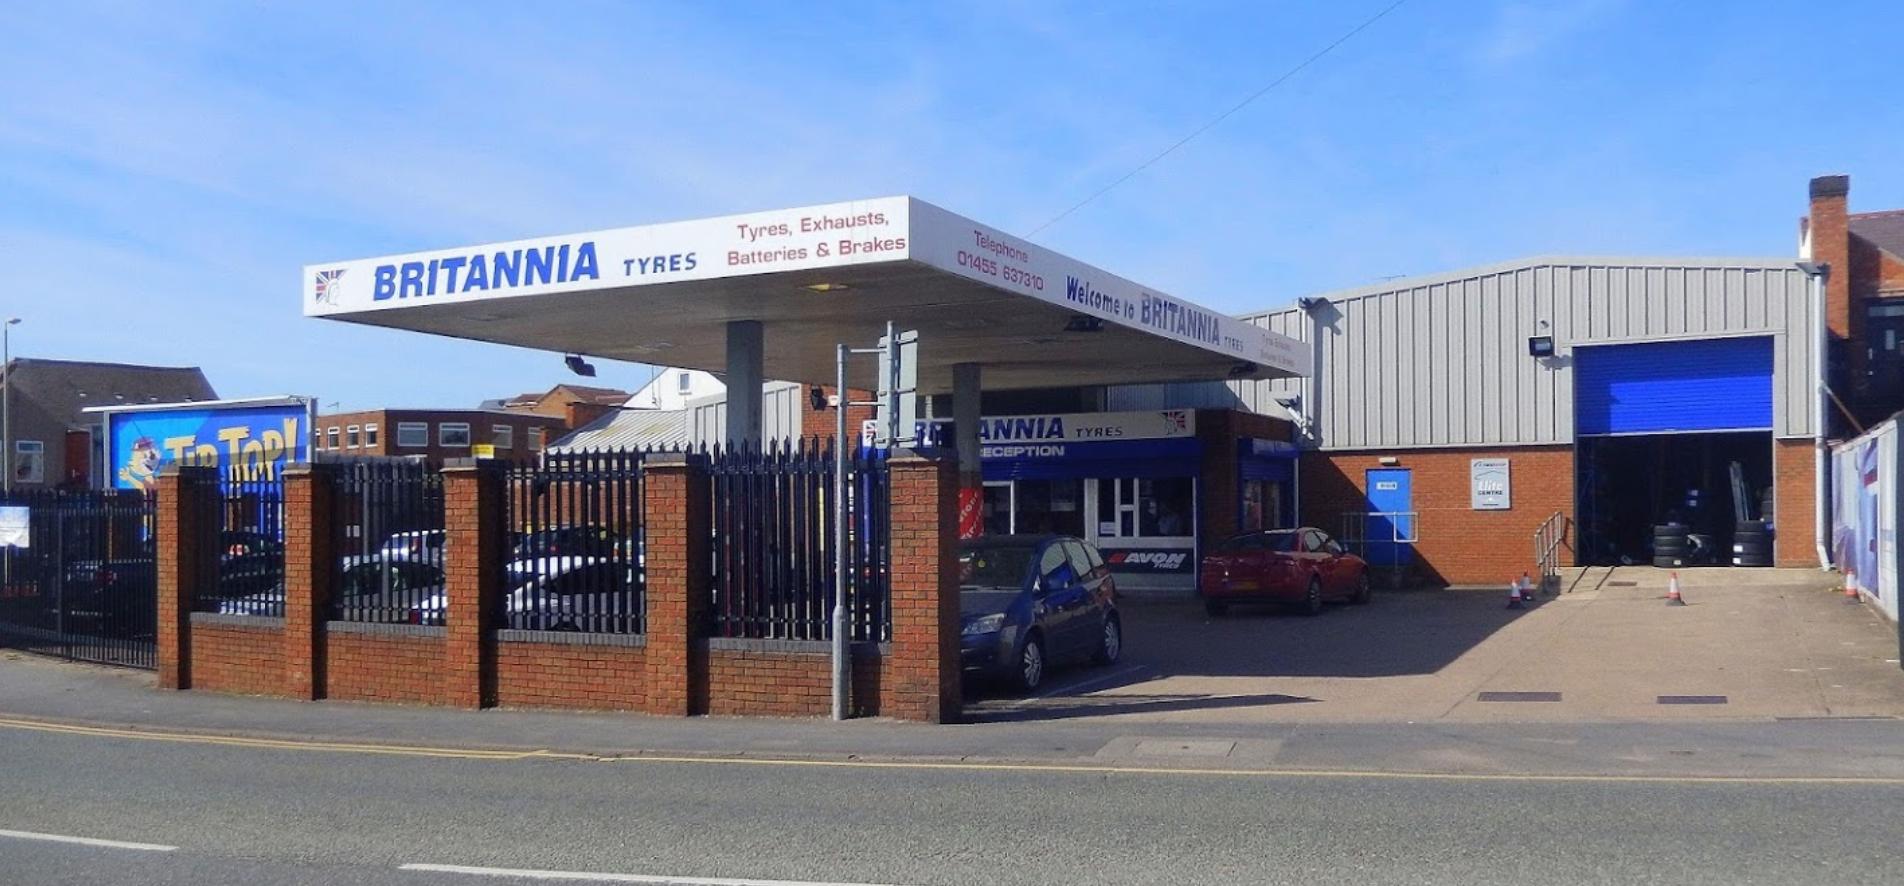 ETB - Exhaust Tyres & Batteries Britannia Hinckley